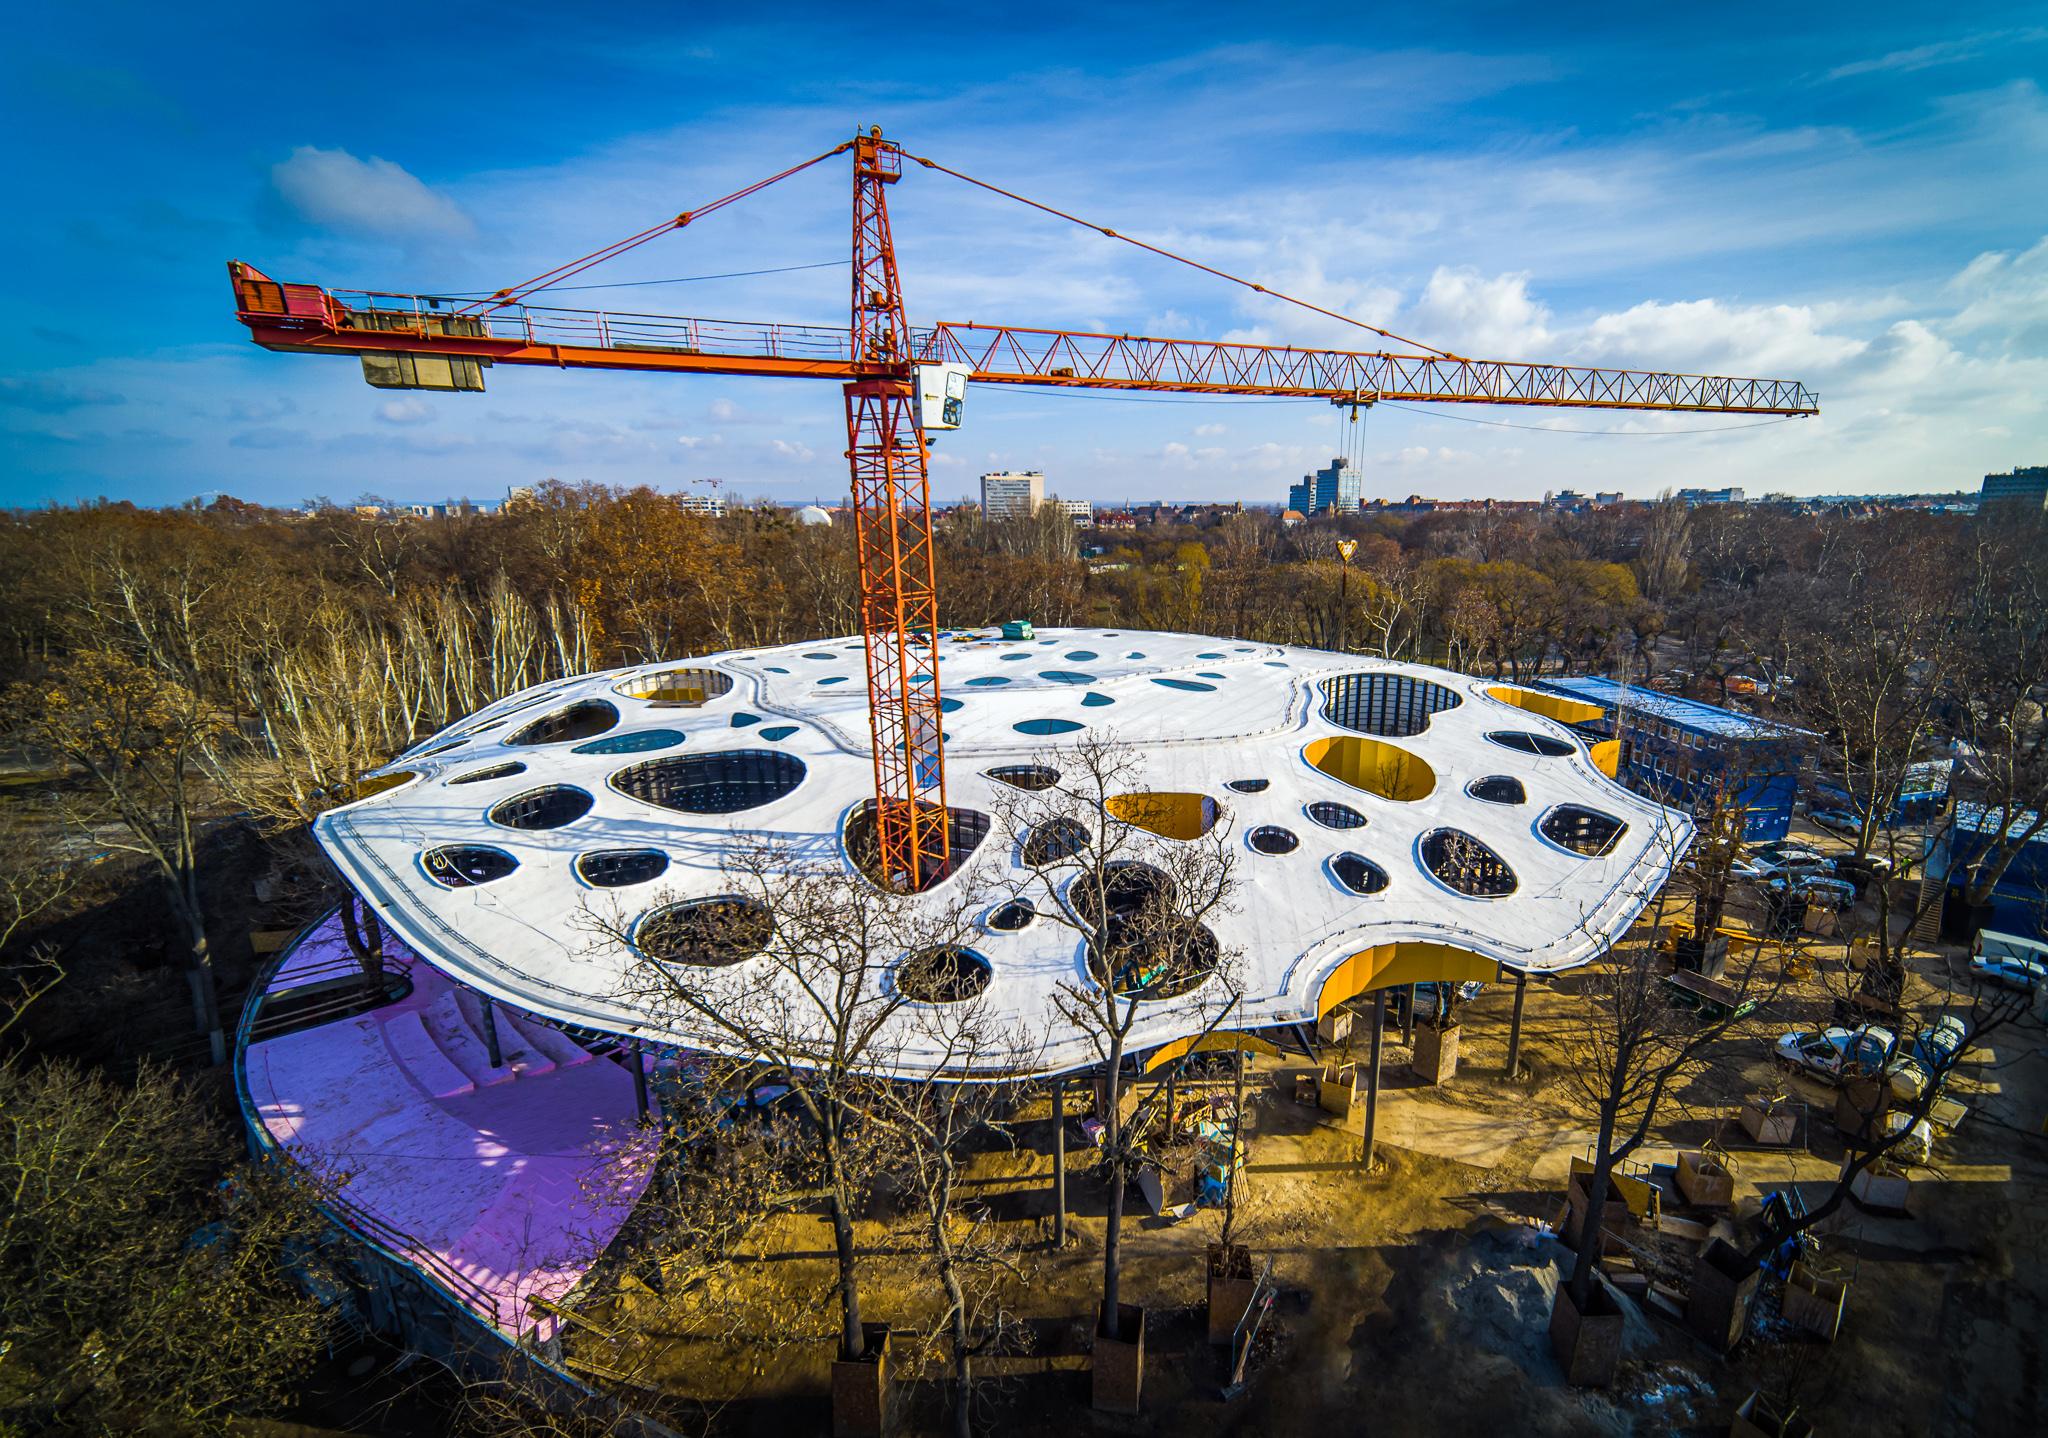 A Magyar Zene Háza 2019-ben nyerte el az Európa legjobb középületének járó elismerést